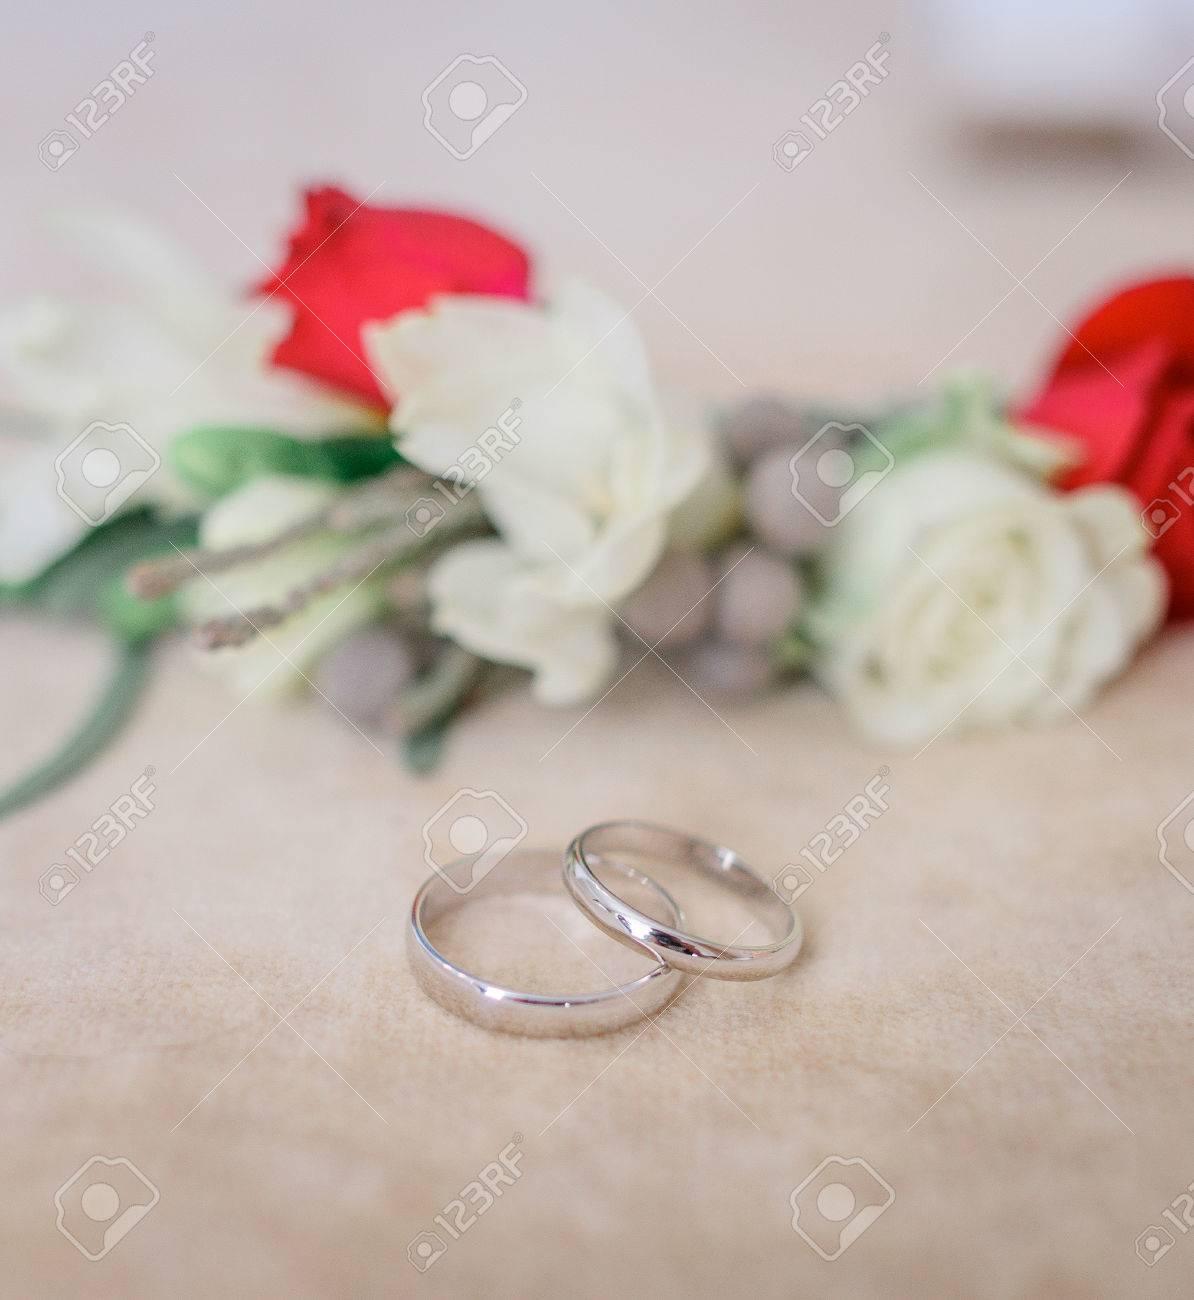 Silberne Hochzeitsringe Liegen Vor Boutonnieres Aus Roten Und Weissen